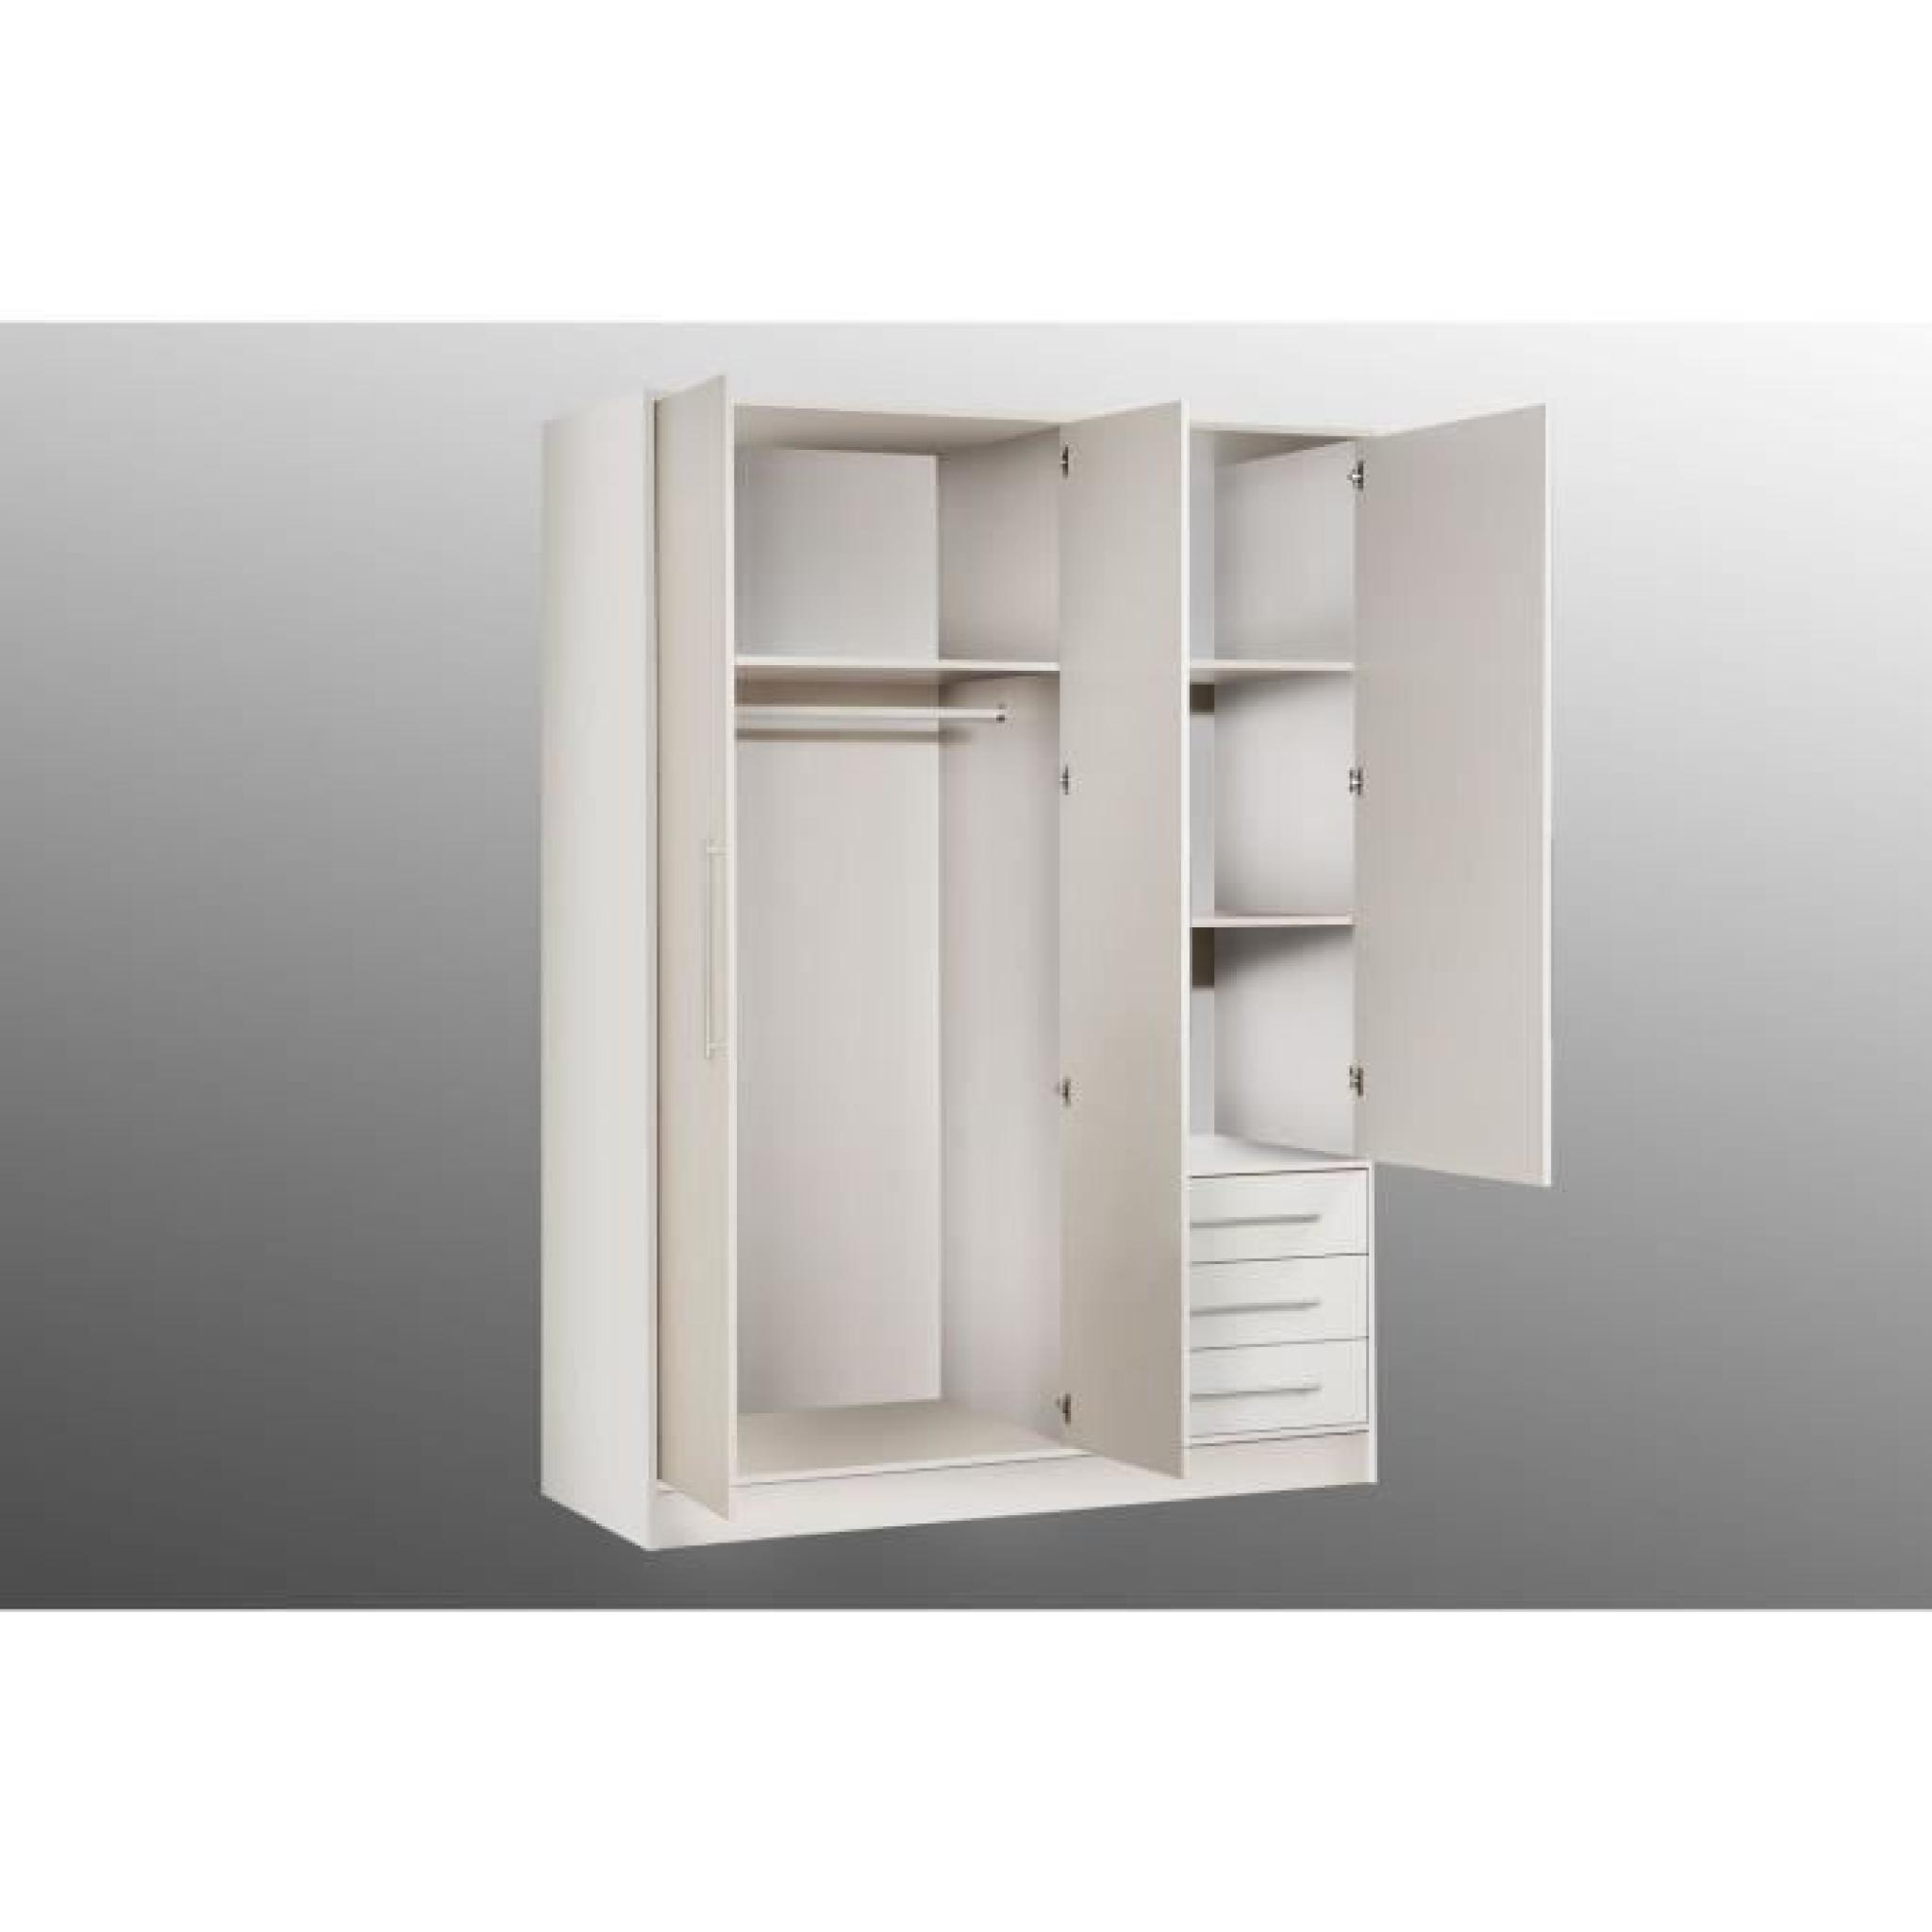 jupiter armoire 145 cm noire achat vente armoire de chambre pas cher couleur et. Black Bedroom Furniture Sets. Home Design Ideas